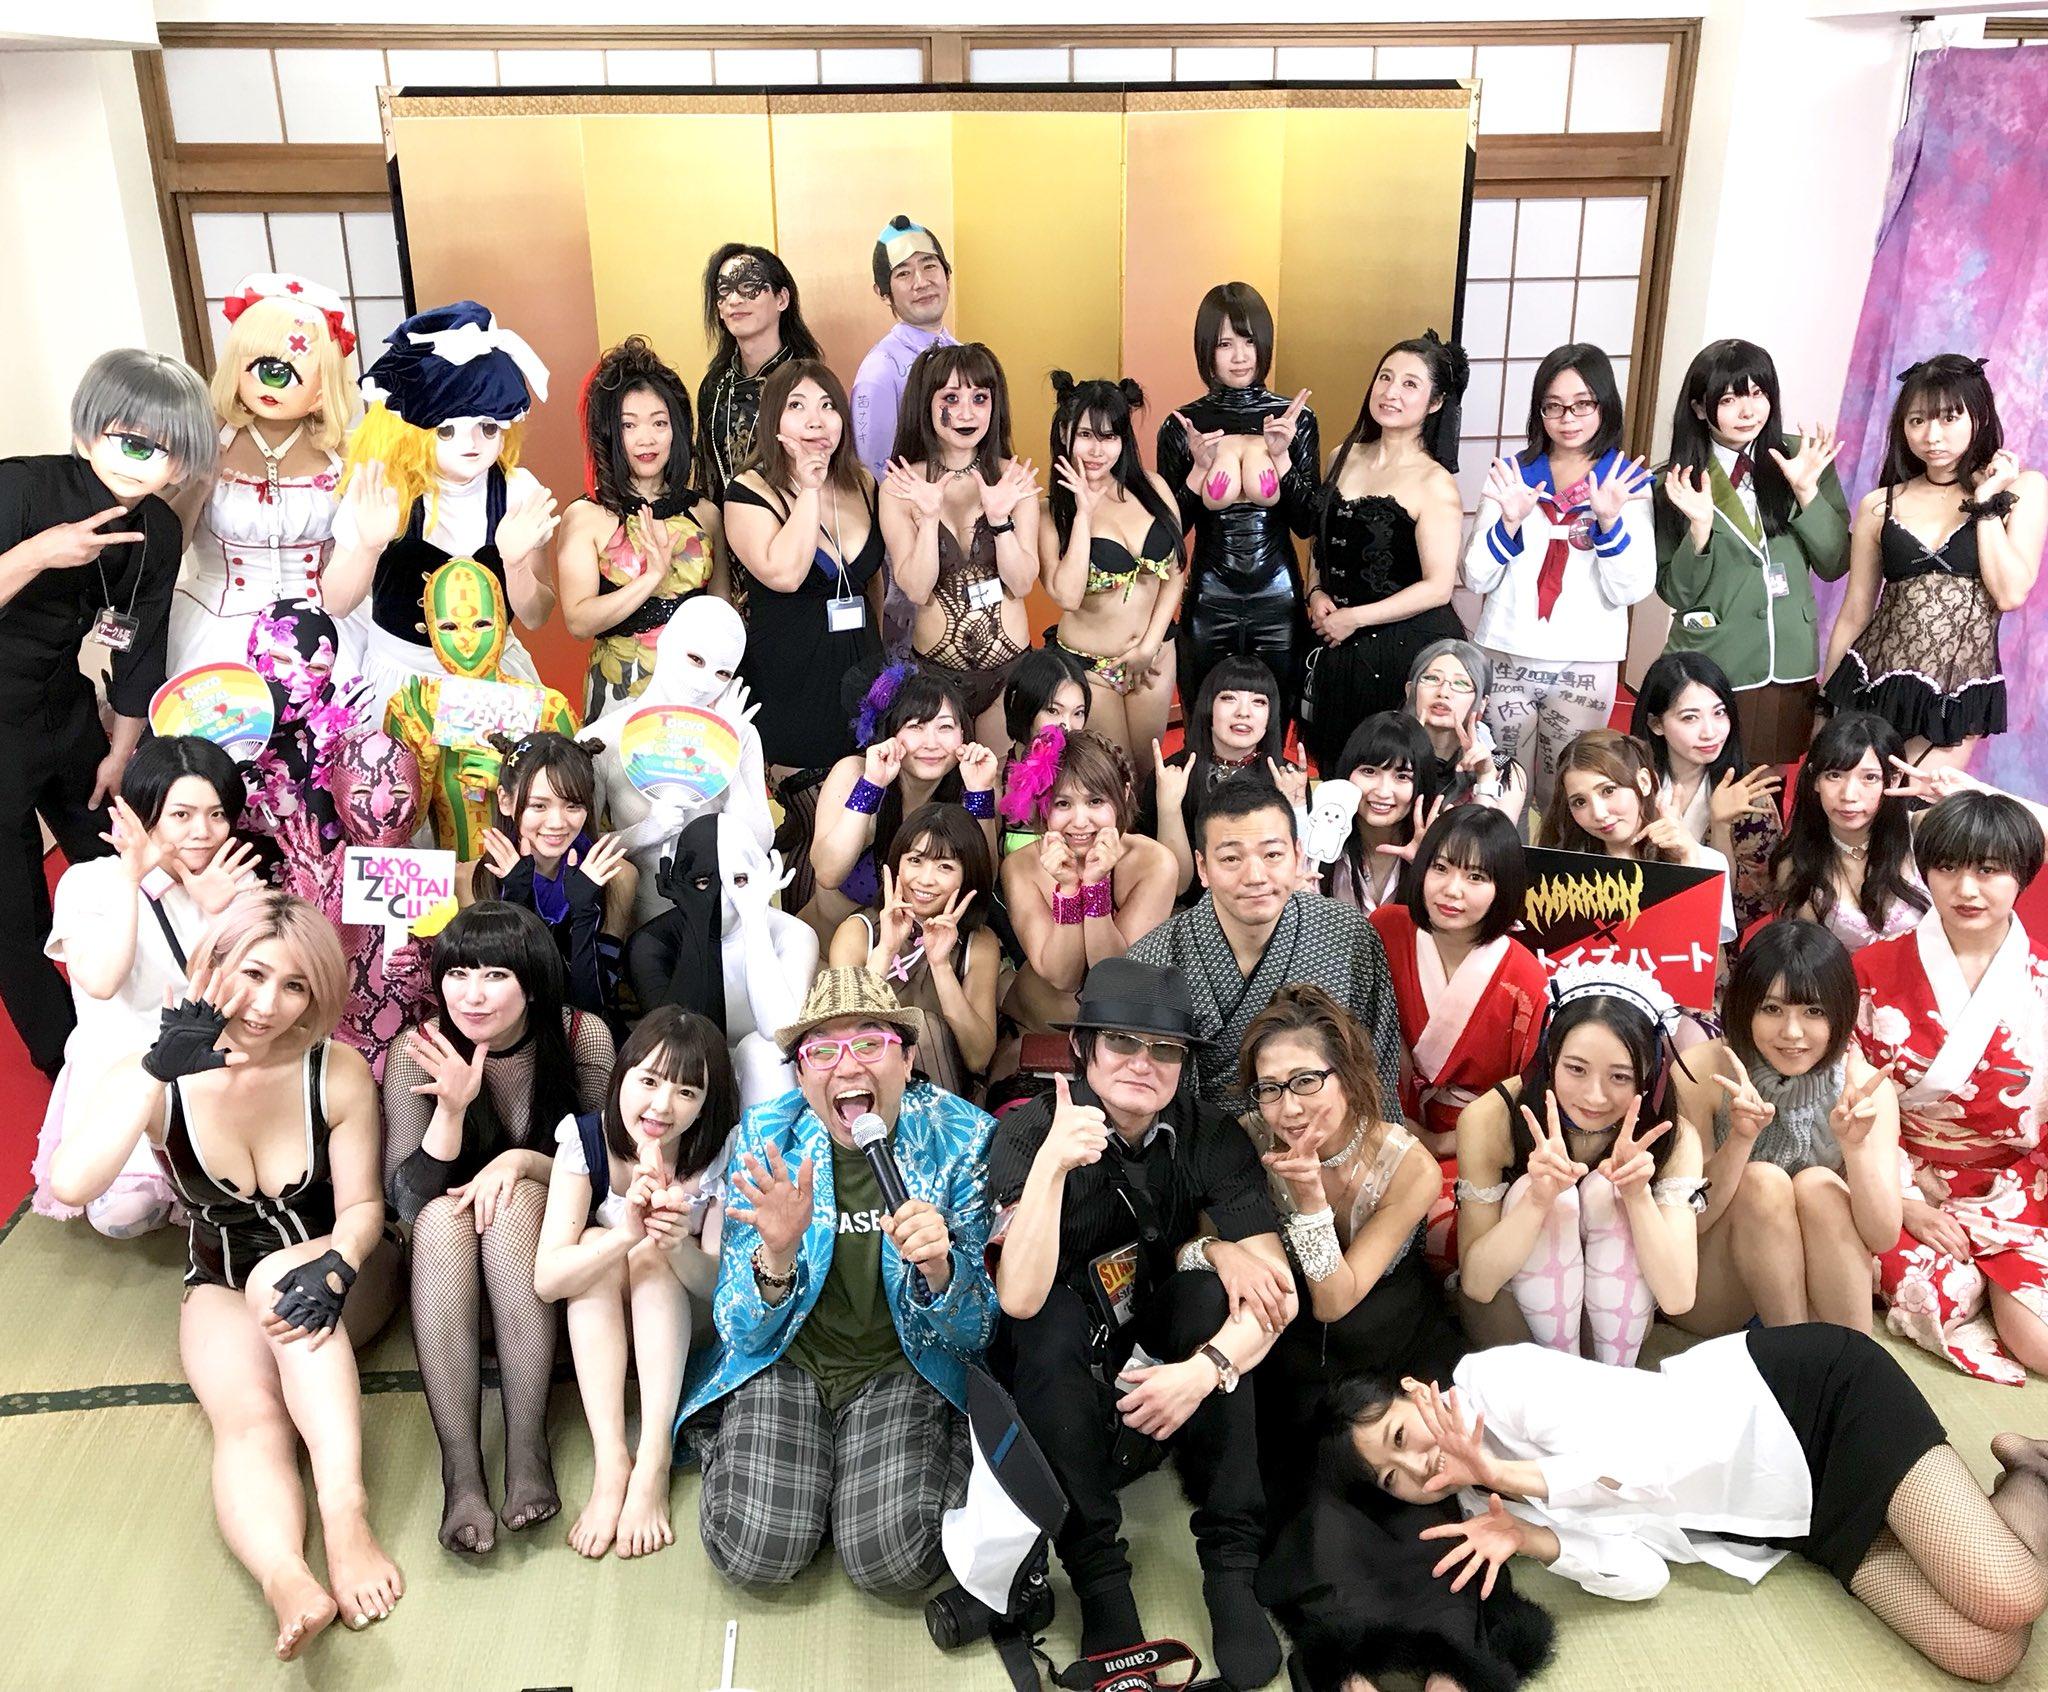 moblog_5de8dea6.jpg